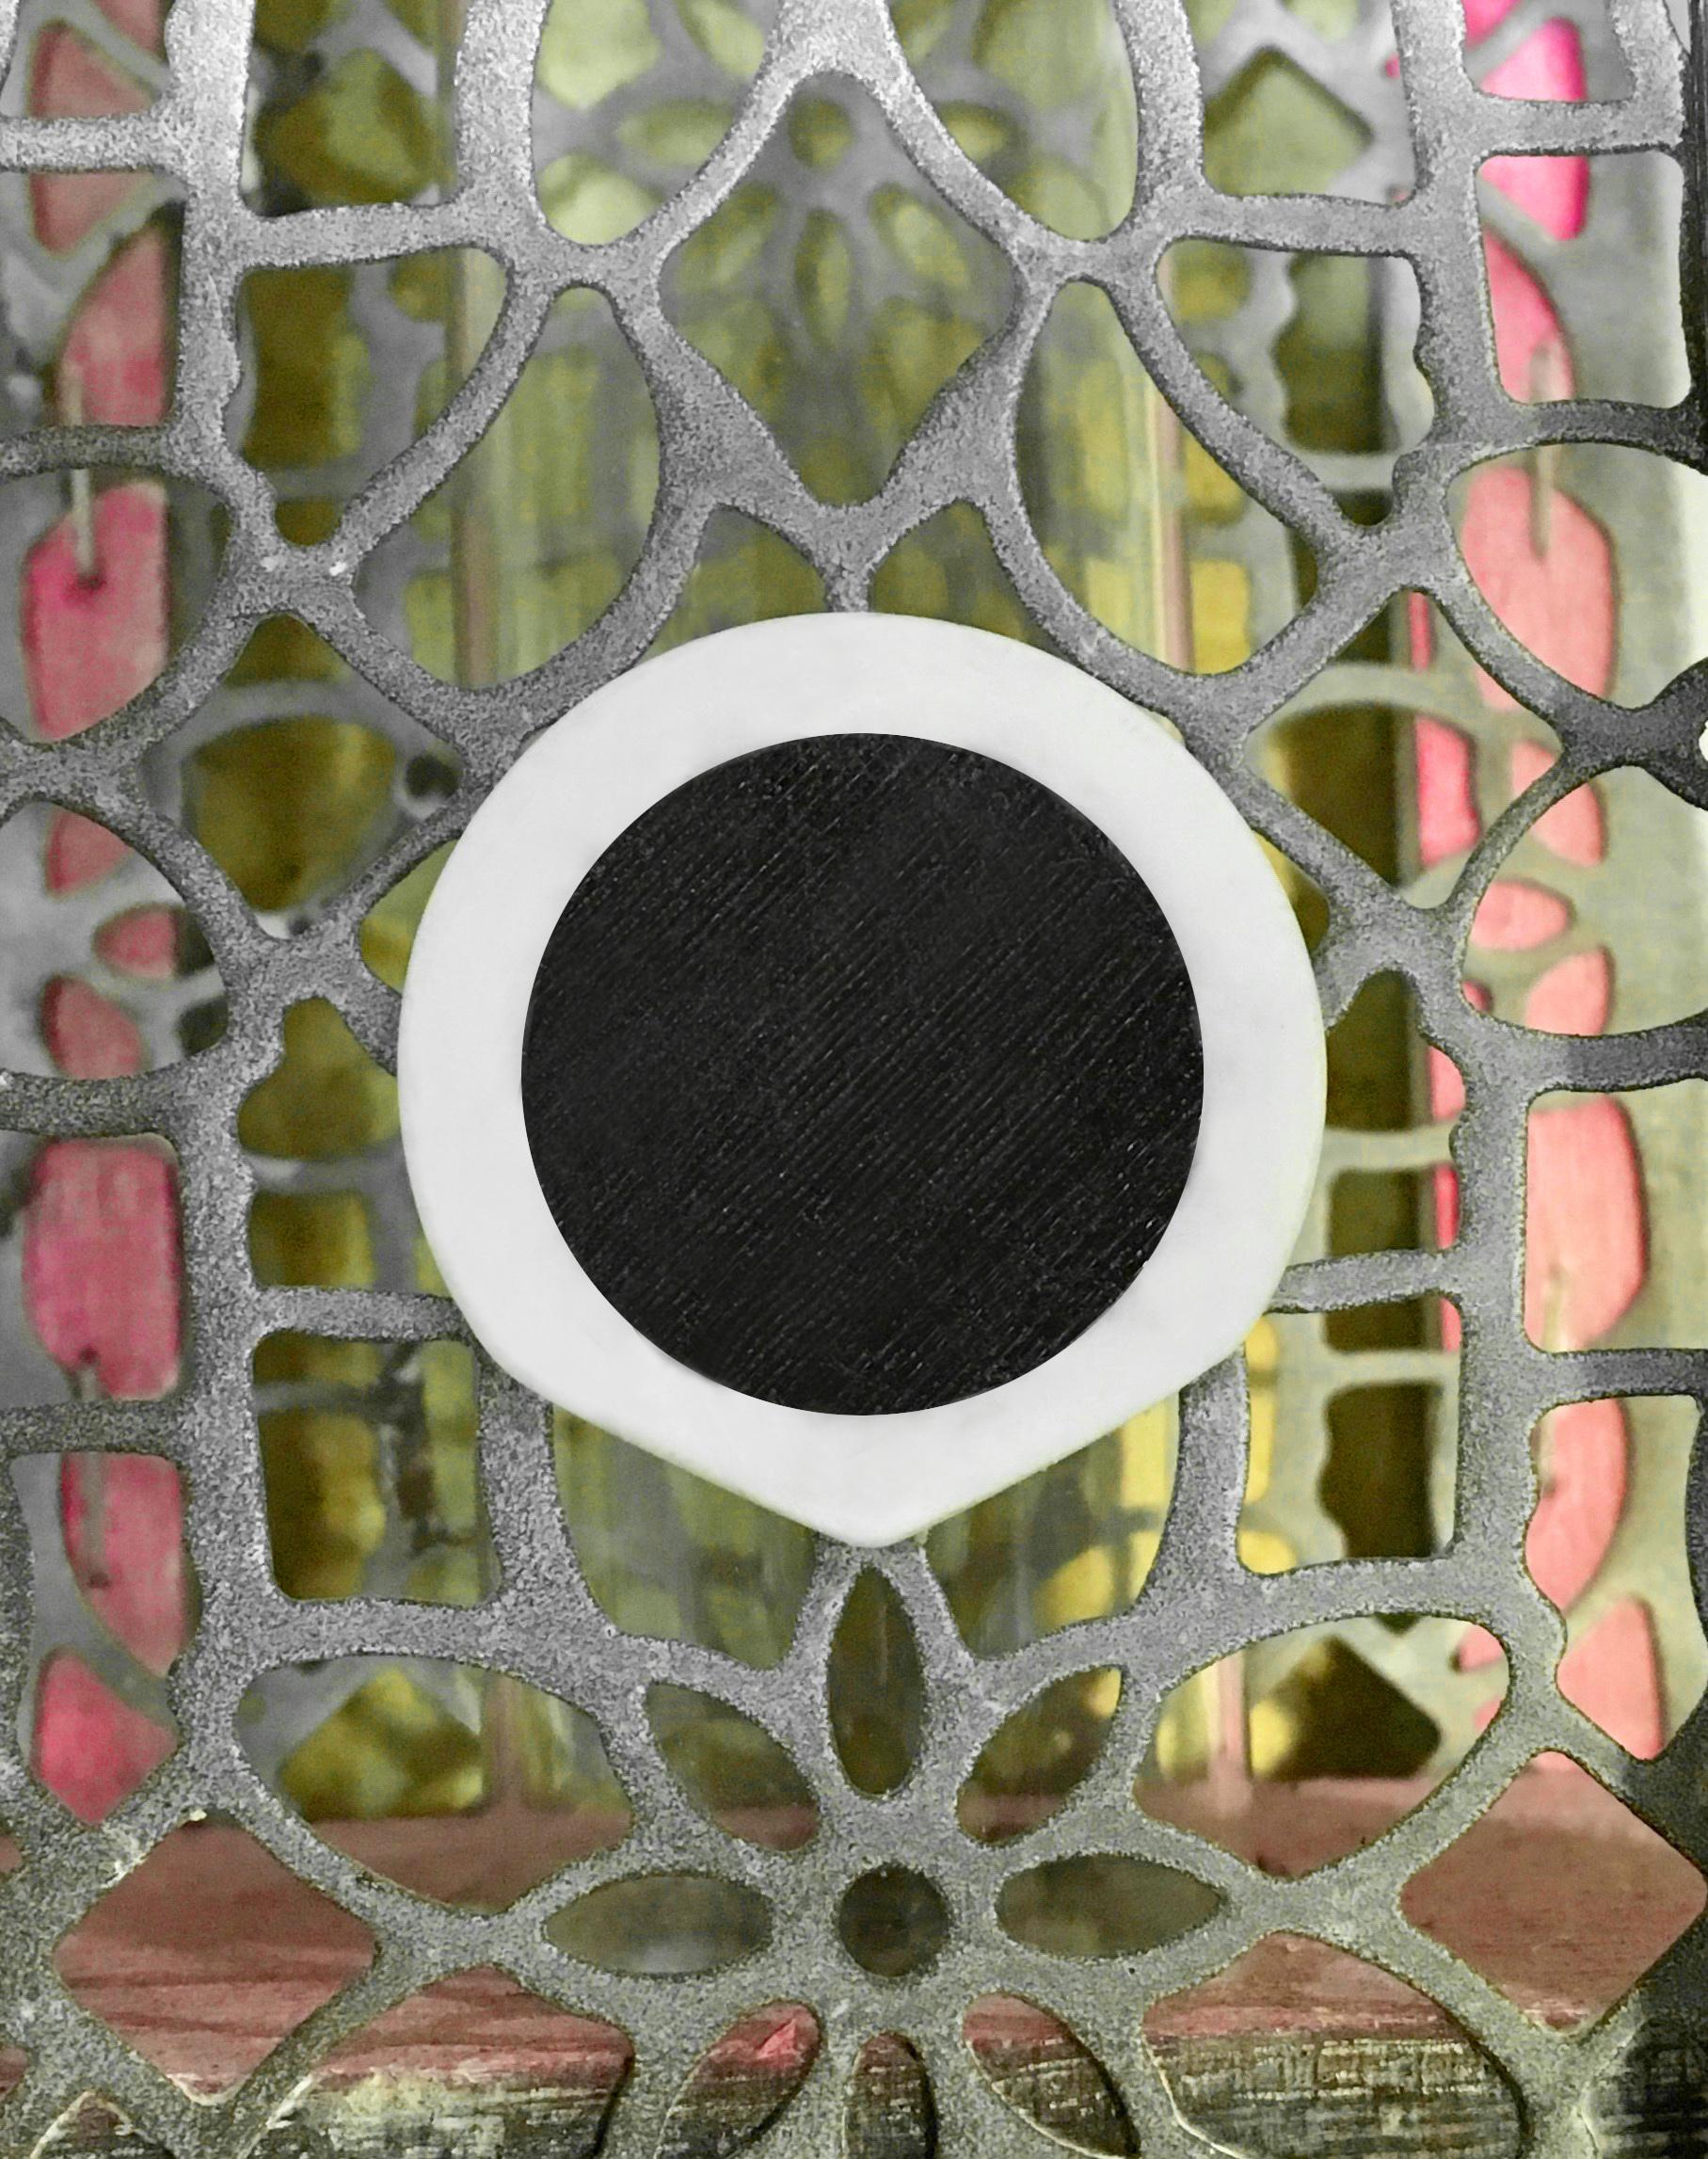 PIL Pua Nido by eXiMienTa 31-agosto-2019.JPG Télécharger fichier STL gratuit PIL pua nido (piolet guitare électrique) le Nest Pick • Modèle pour impression 3D, carleslluisar